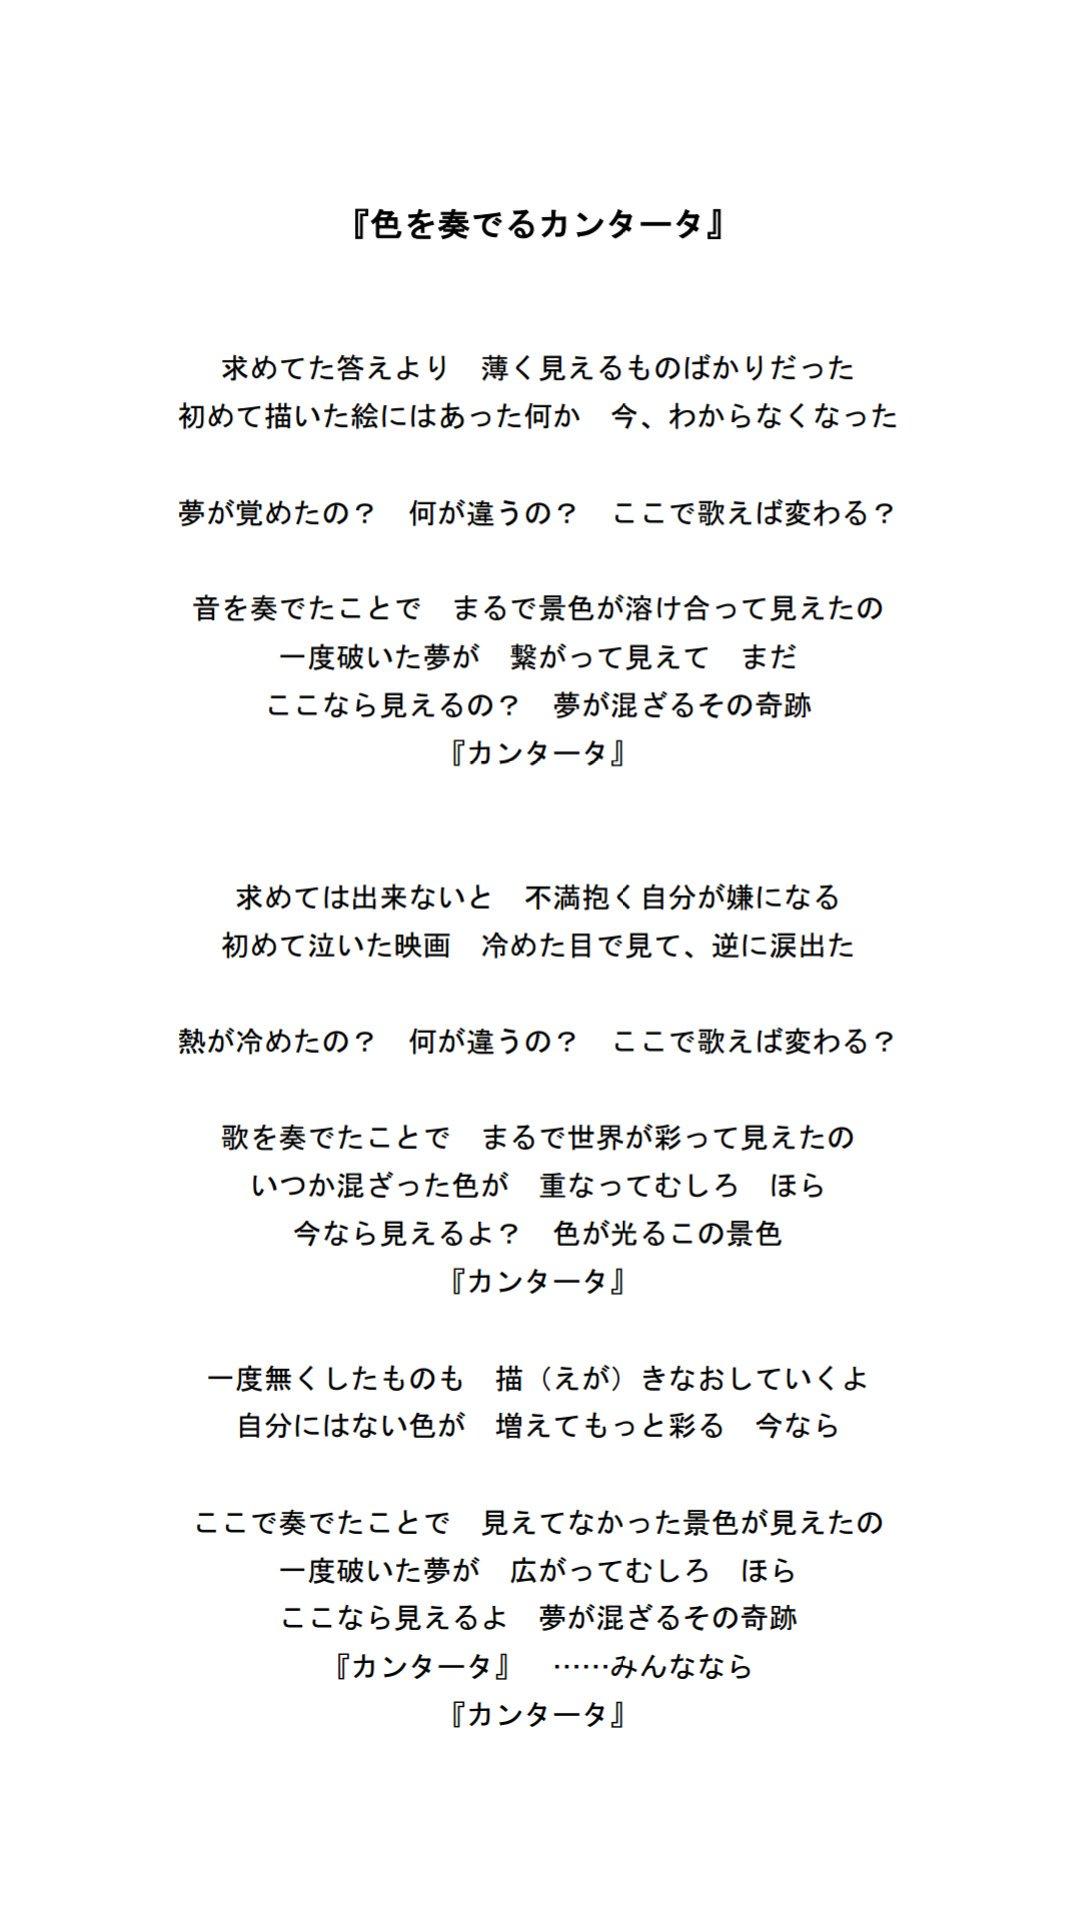 ノ 隊 歌詞 op 消防 炎炎